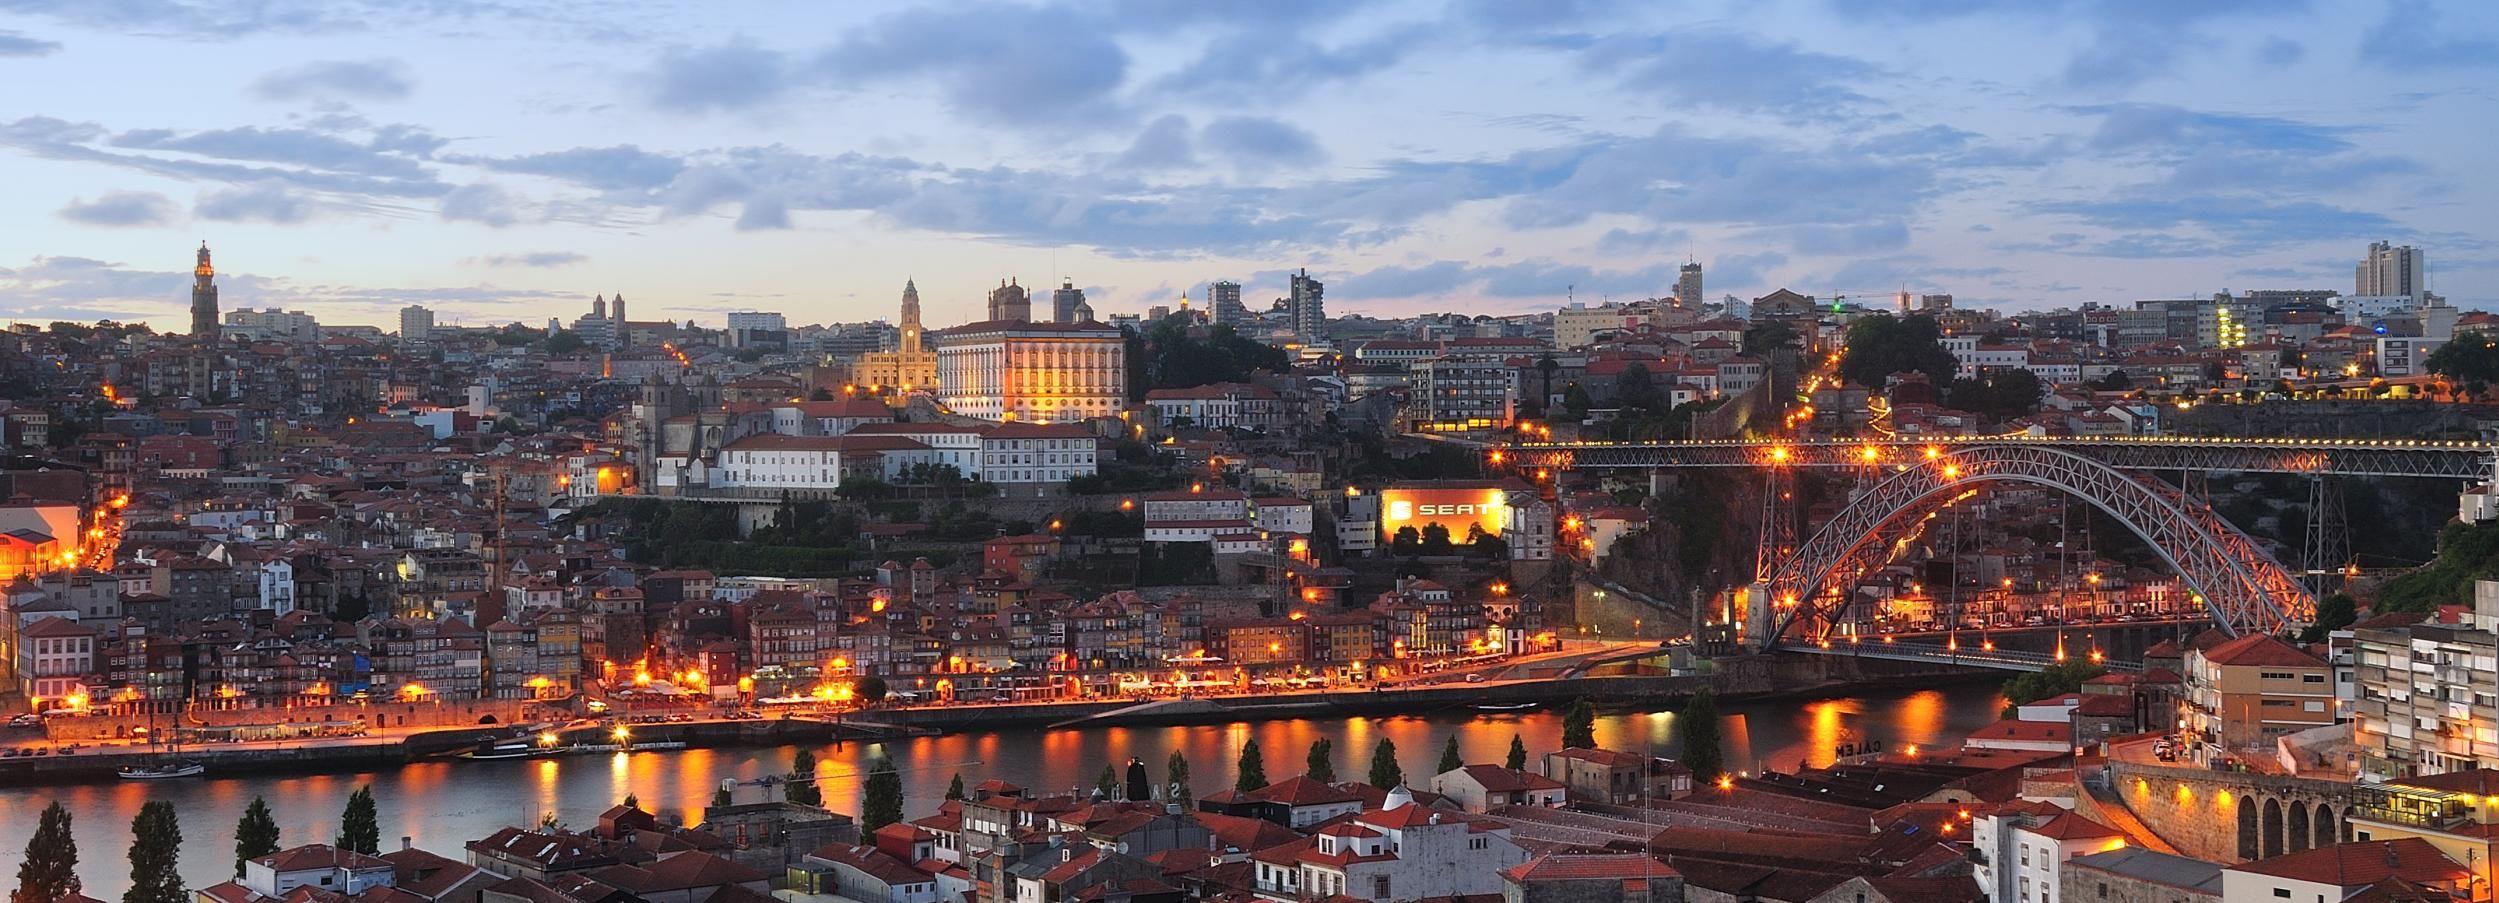 Porto: Excursão Noturna com Jantar Tradicional e Fado